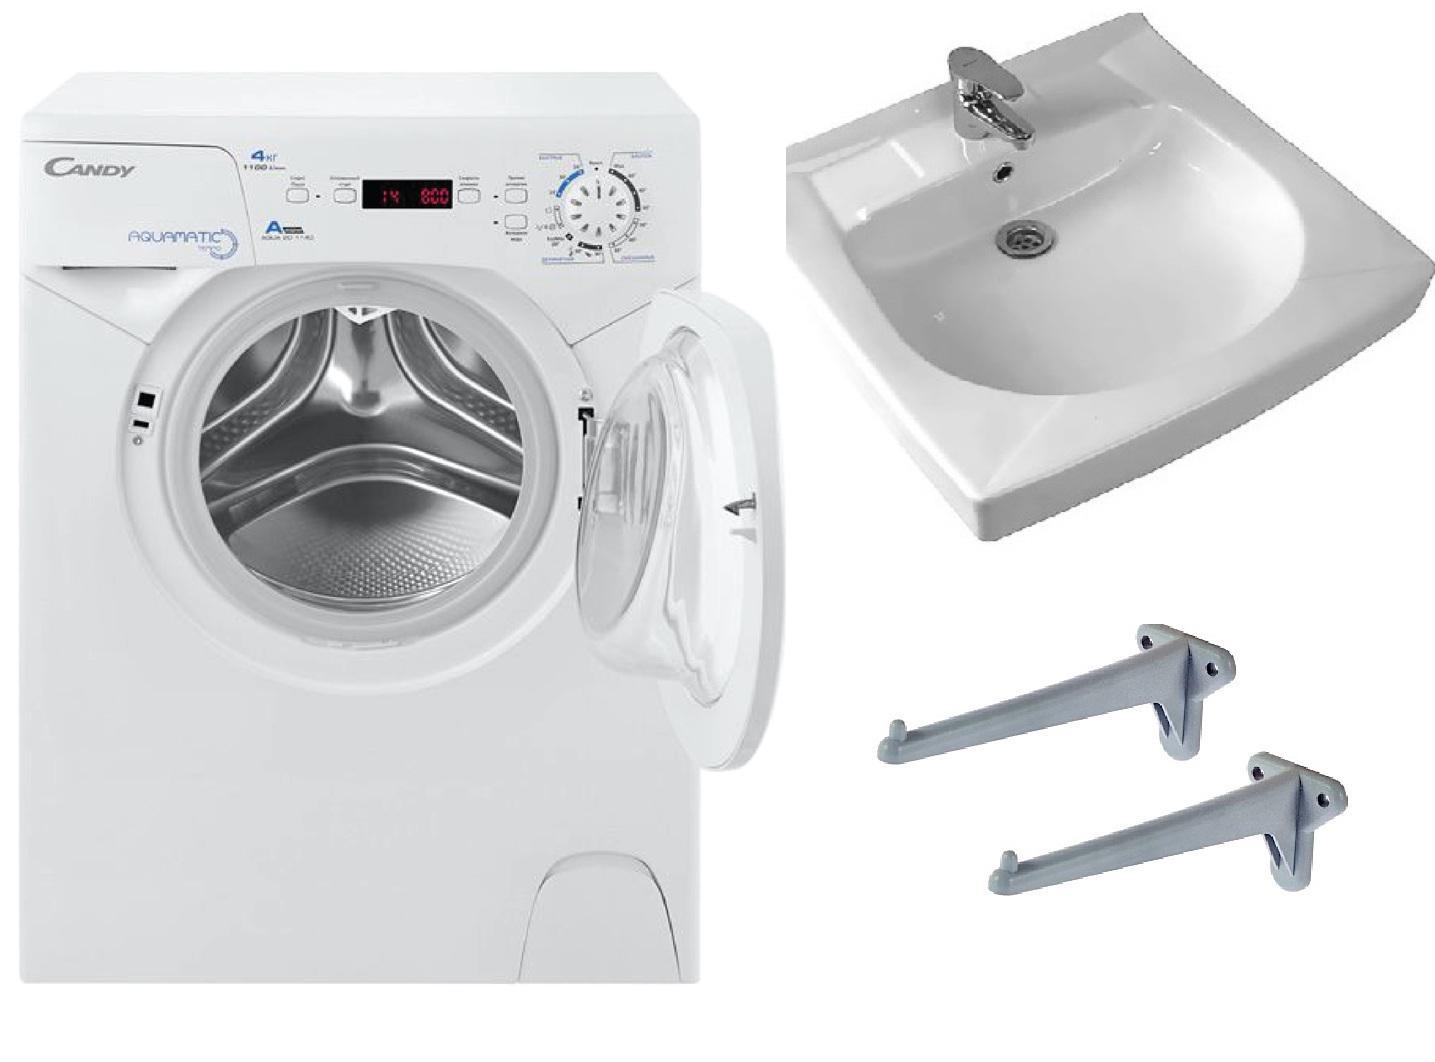 9 лучших компактных стиральных машин - рейтинг 2019